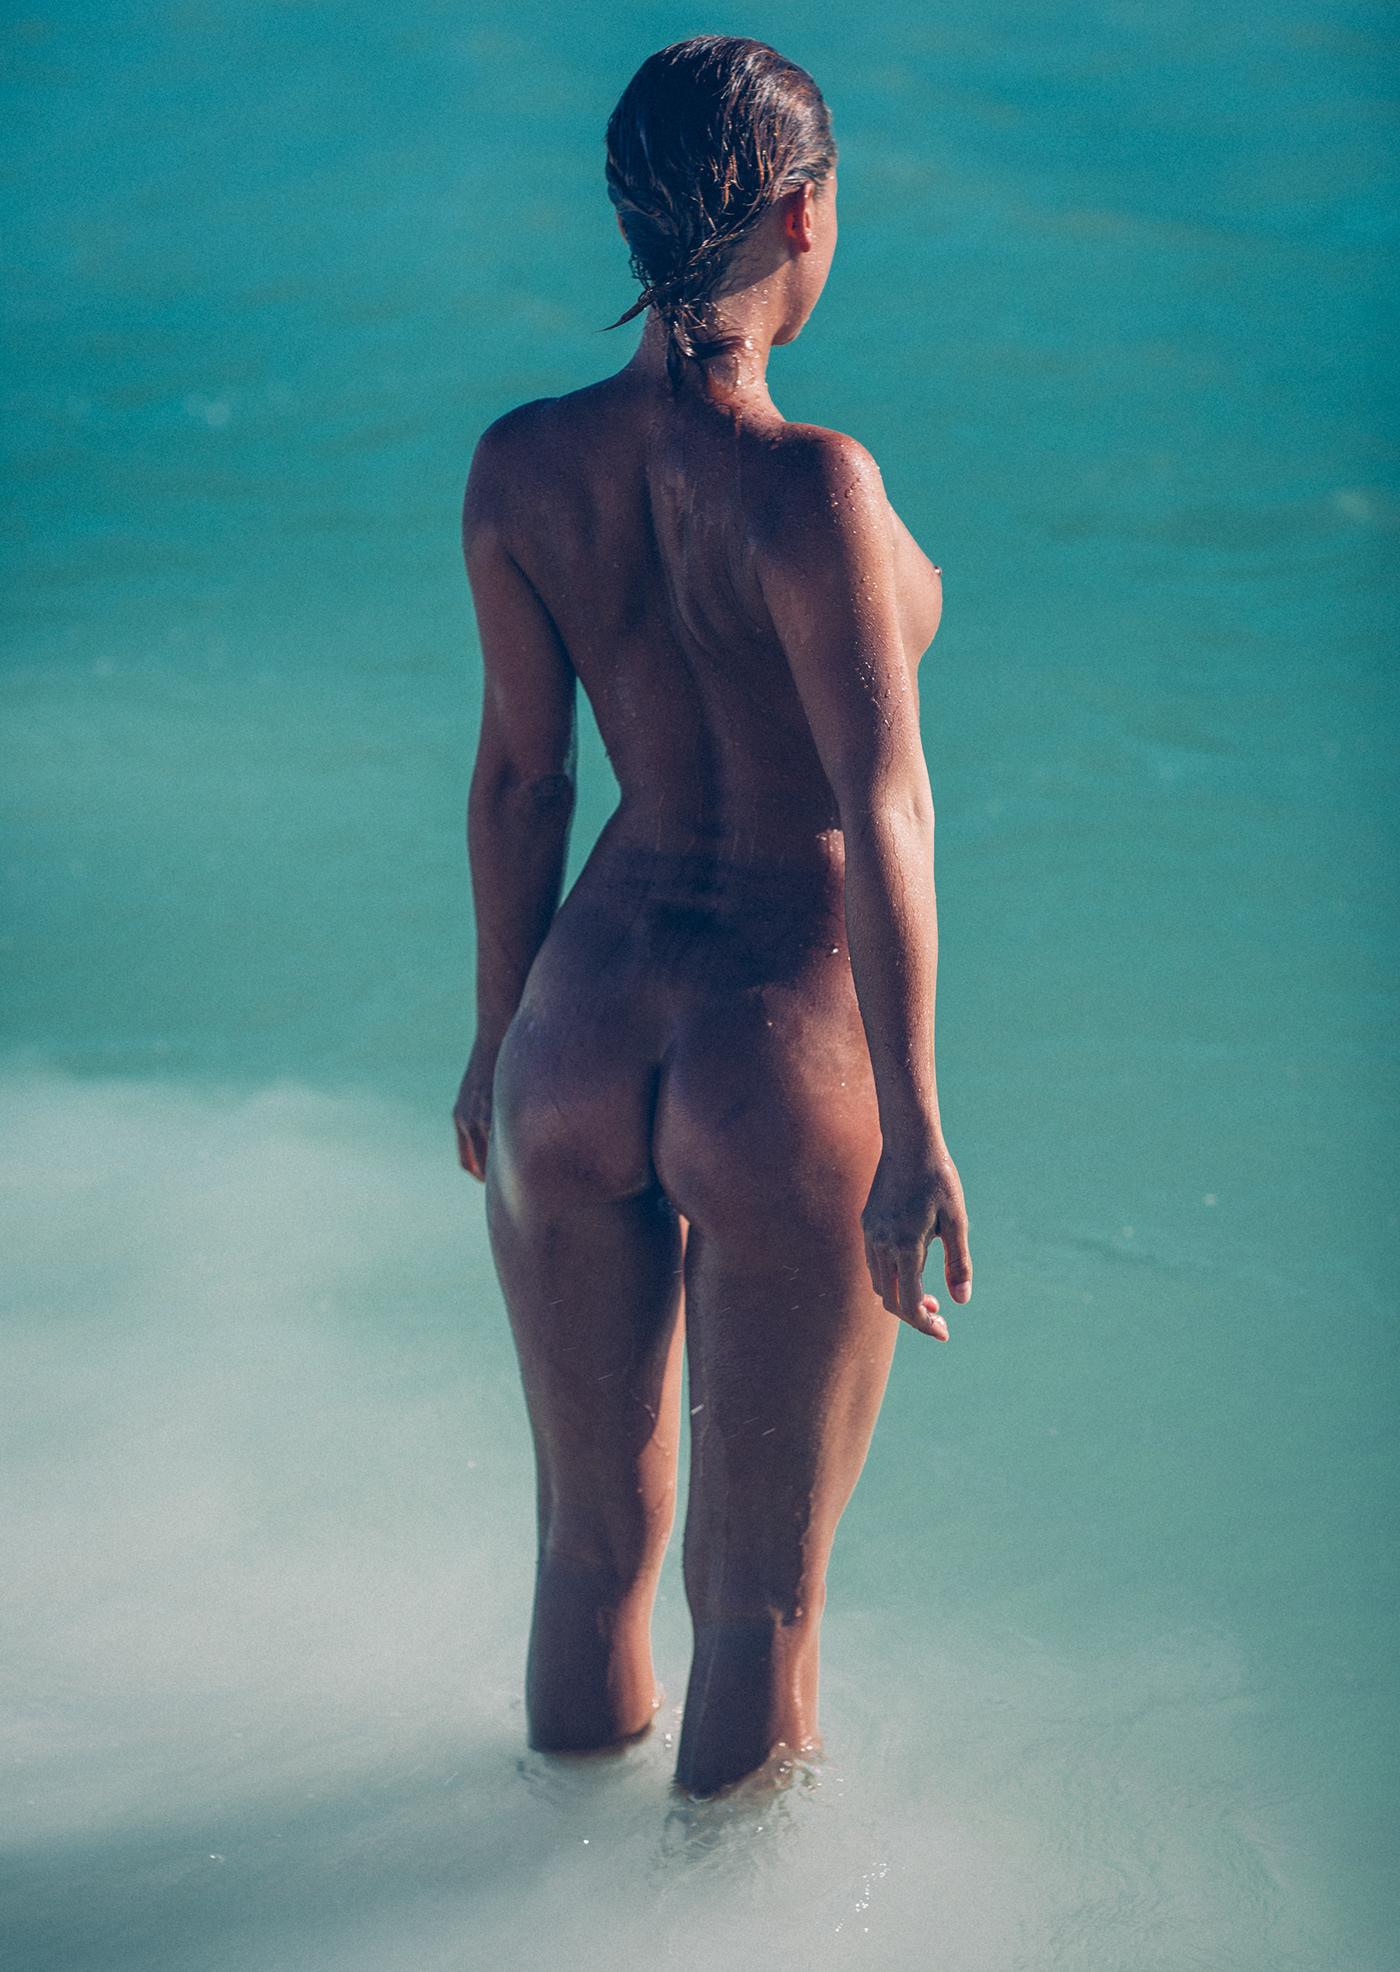 Marisa Papen in chalk / фотограф Thomas Agatz